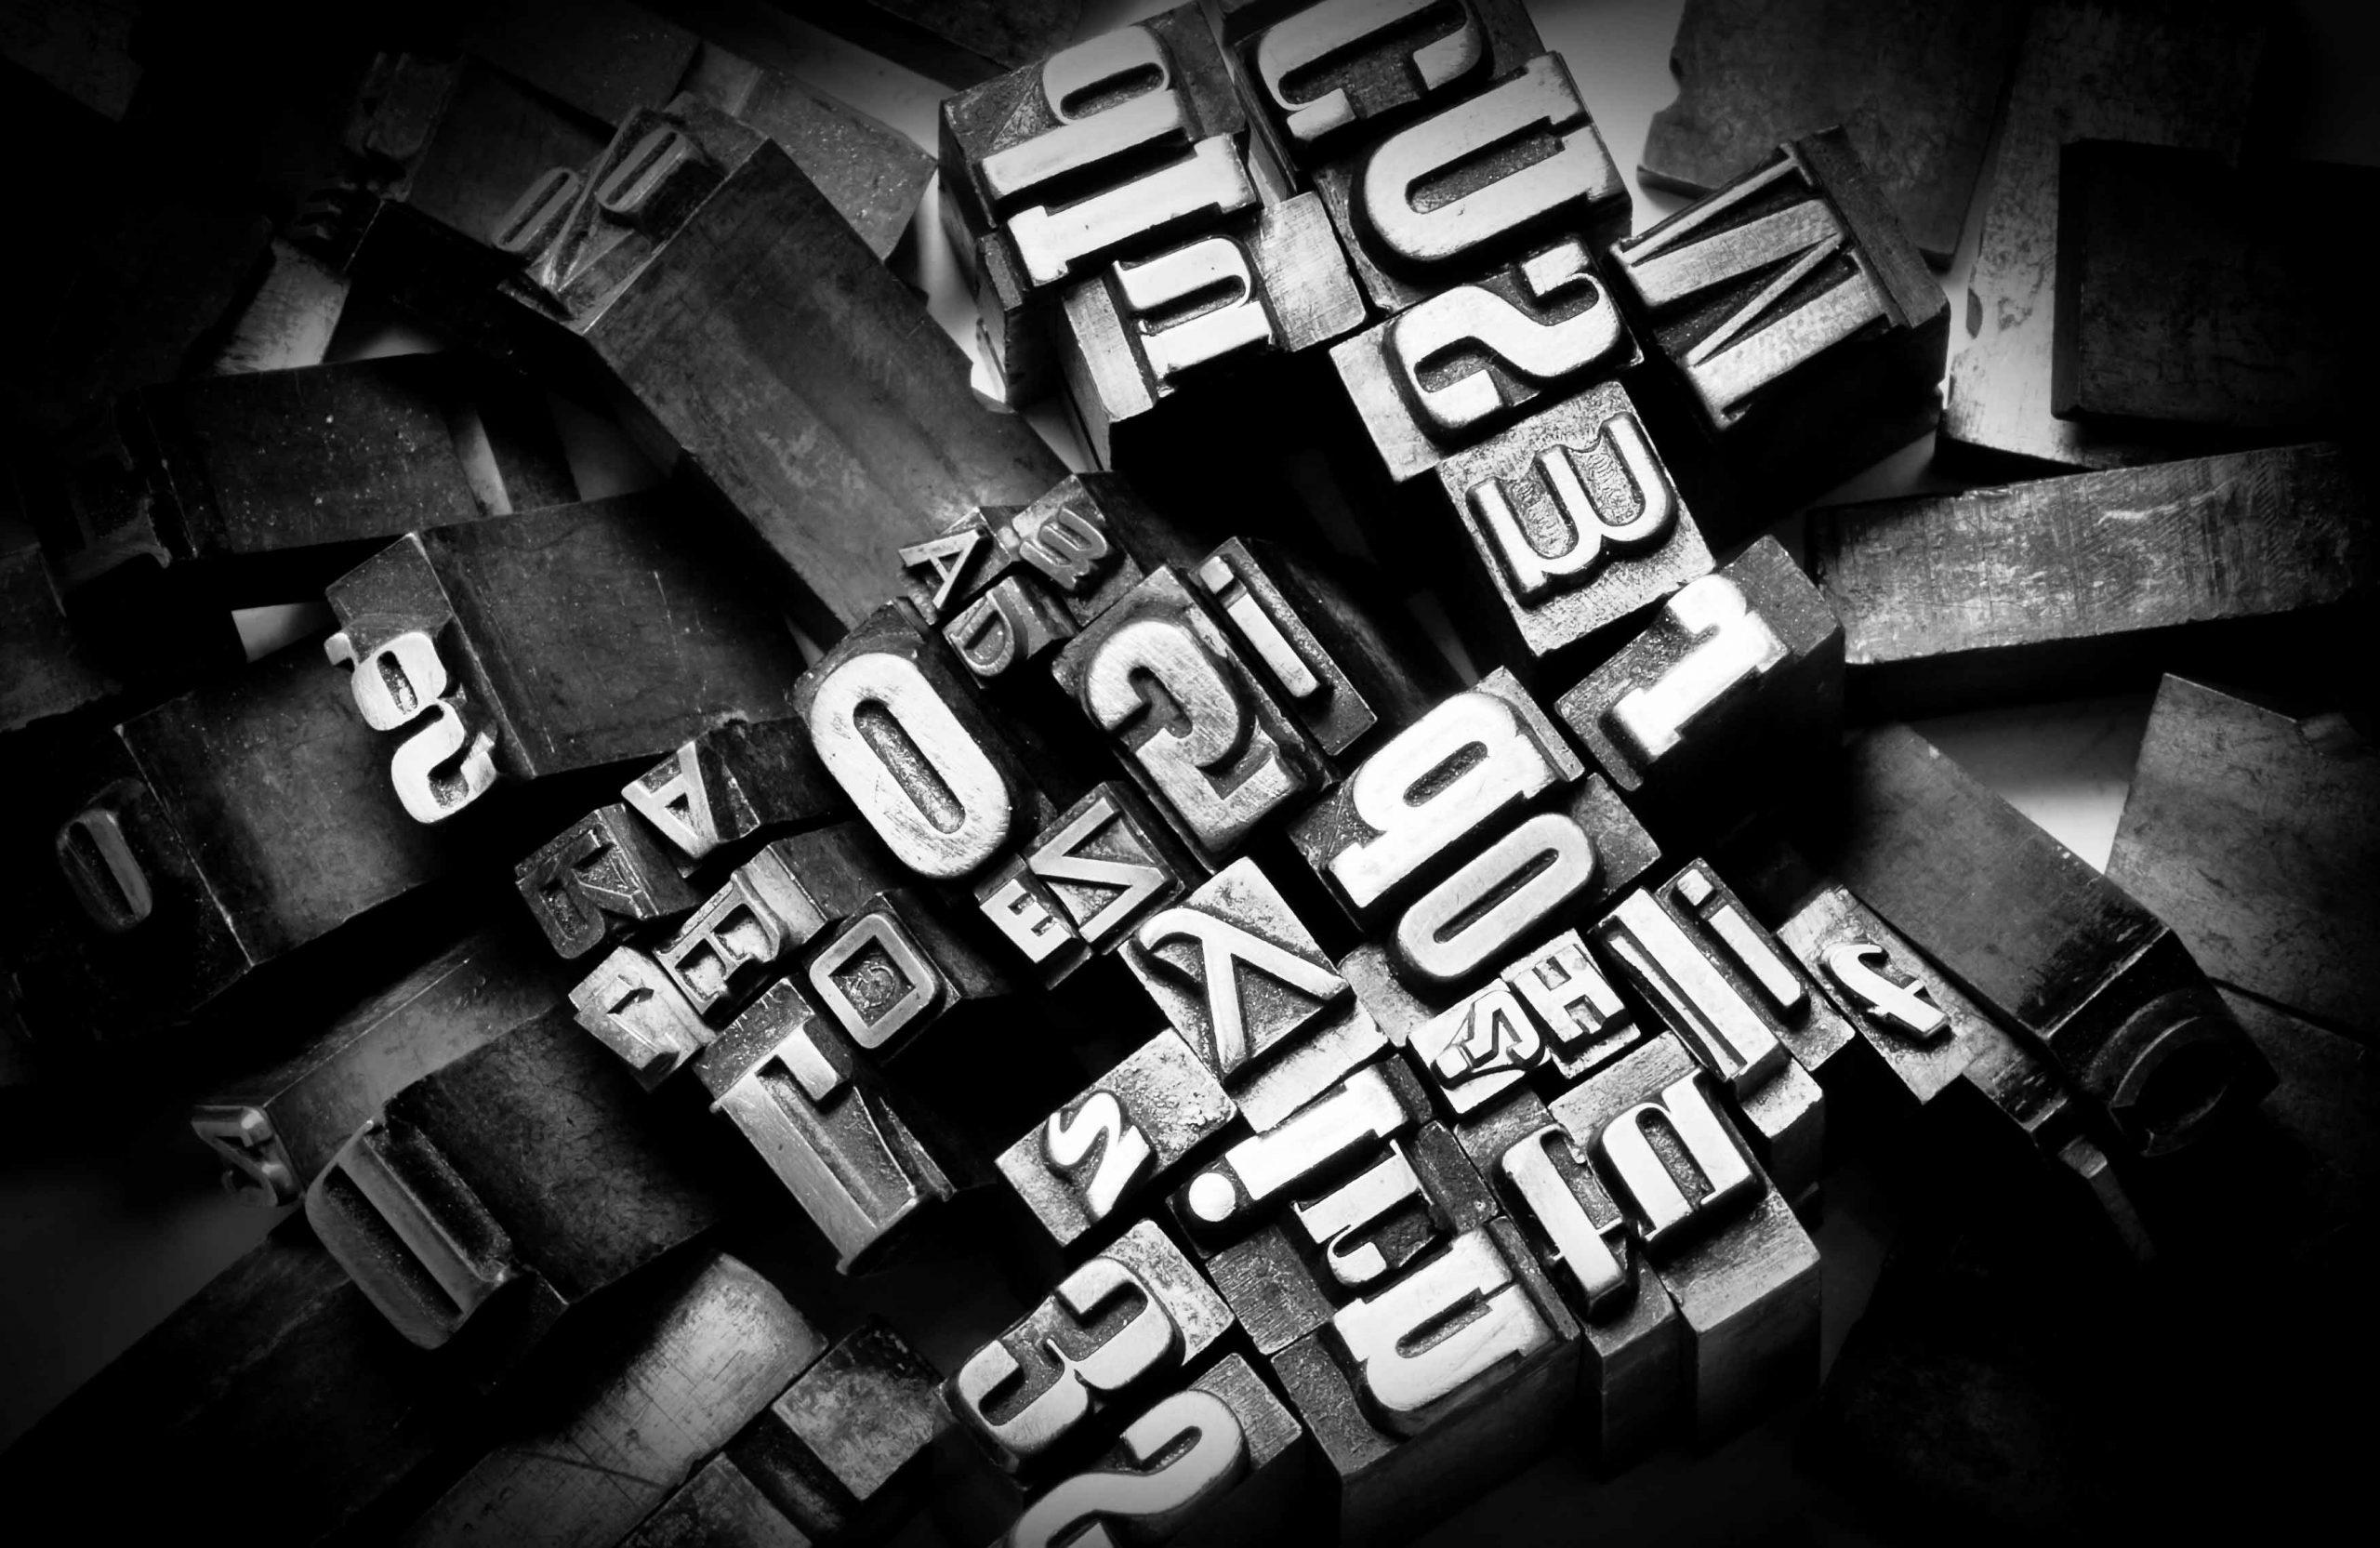 Druckerei München – Buchdruck, Letterpress, Druckkunst, Prägewerkstatt, Druckhandwerk – Druckerei Irrgang München Druckerei München – Broschüren Druck, Magazin drucken lassen, Zeitschrift drucken lassen Geschäftspapiere, Visitenkarten drucken lassen, Briefbogen drucken lassen, Formulare, Urkunden, Tekturen, Blöcke, Stempel und vieles mehr für Notare, Anwaltskanzleien und Steuerberater. Druckerei München – Irrgang Druck. Premium Offfsetdruck & Prägewerkstatt. Ihre persönliche & individuelle Druckerei in der Region München. Kontaktieren Sie uns! Wir sind für Sie da: 089 /56 22 95